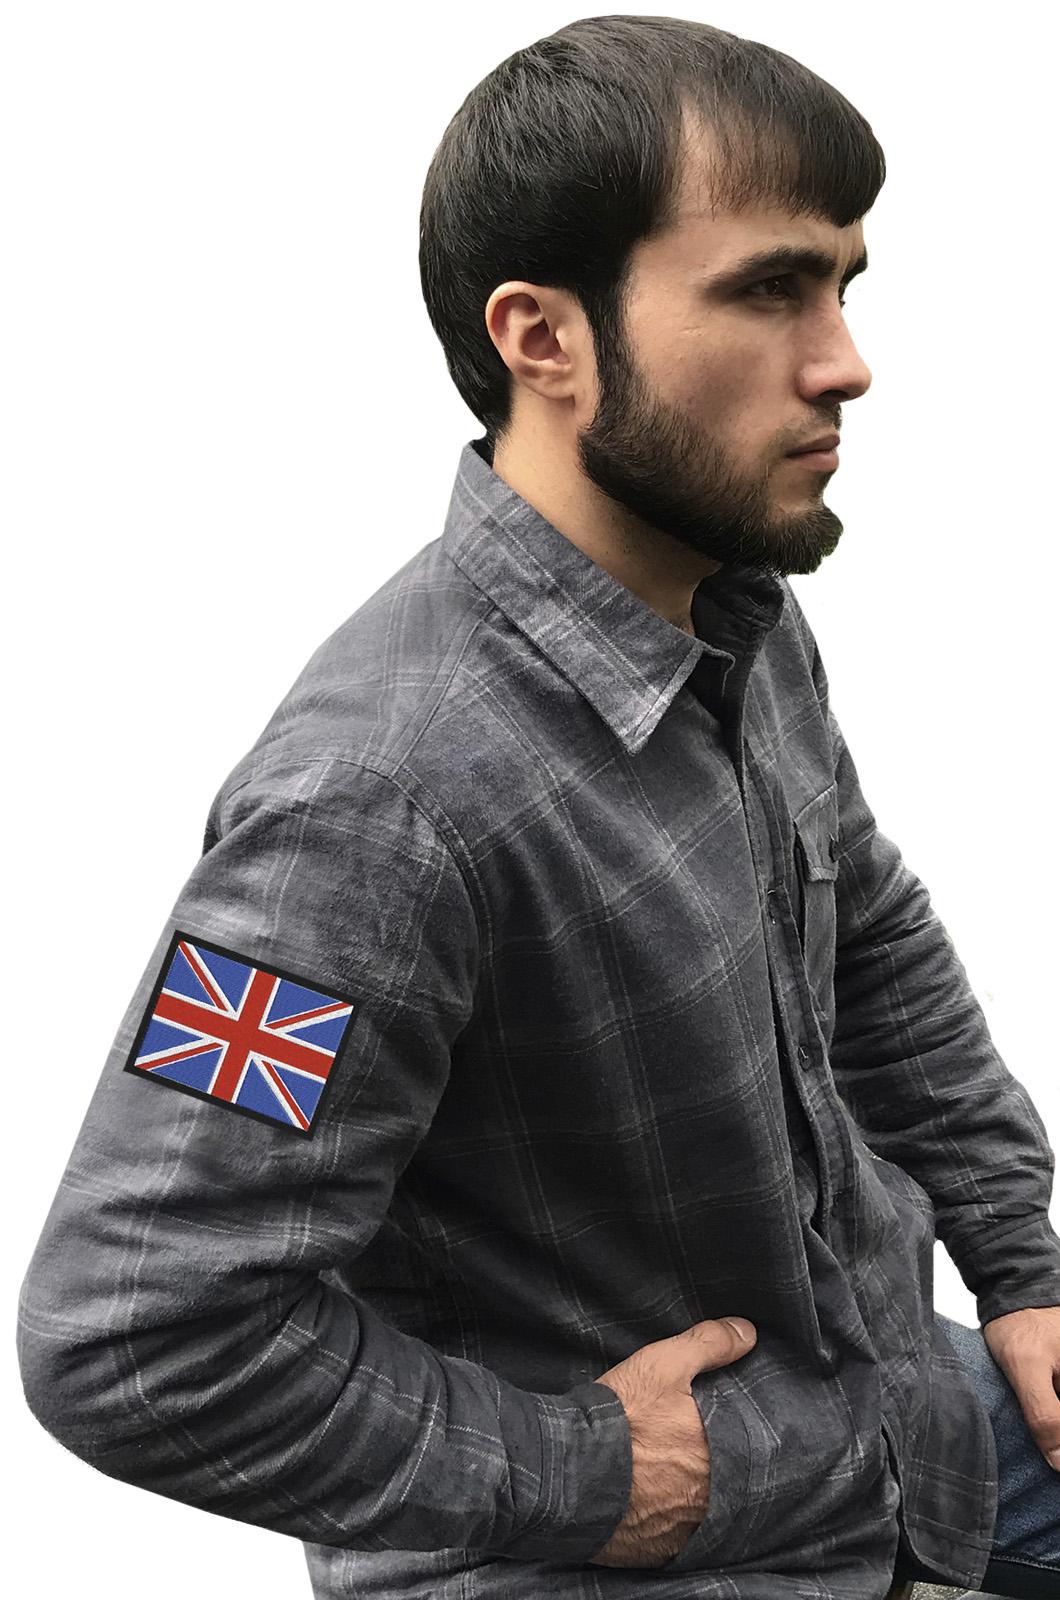 Крутая рубашка с вышитым флагом Великобритании - купить онлайн